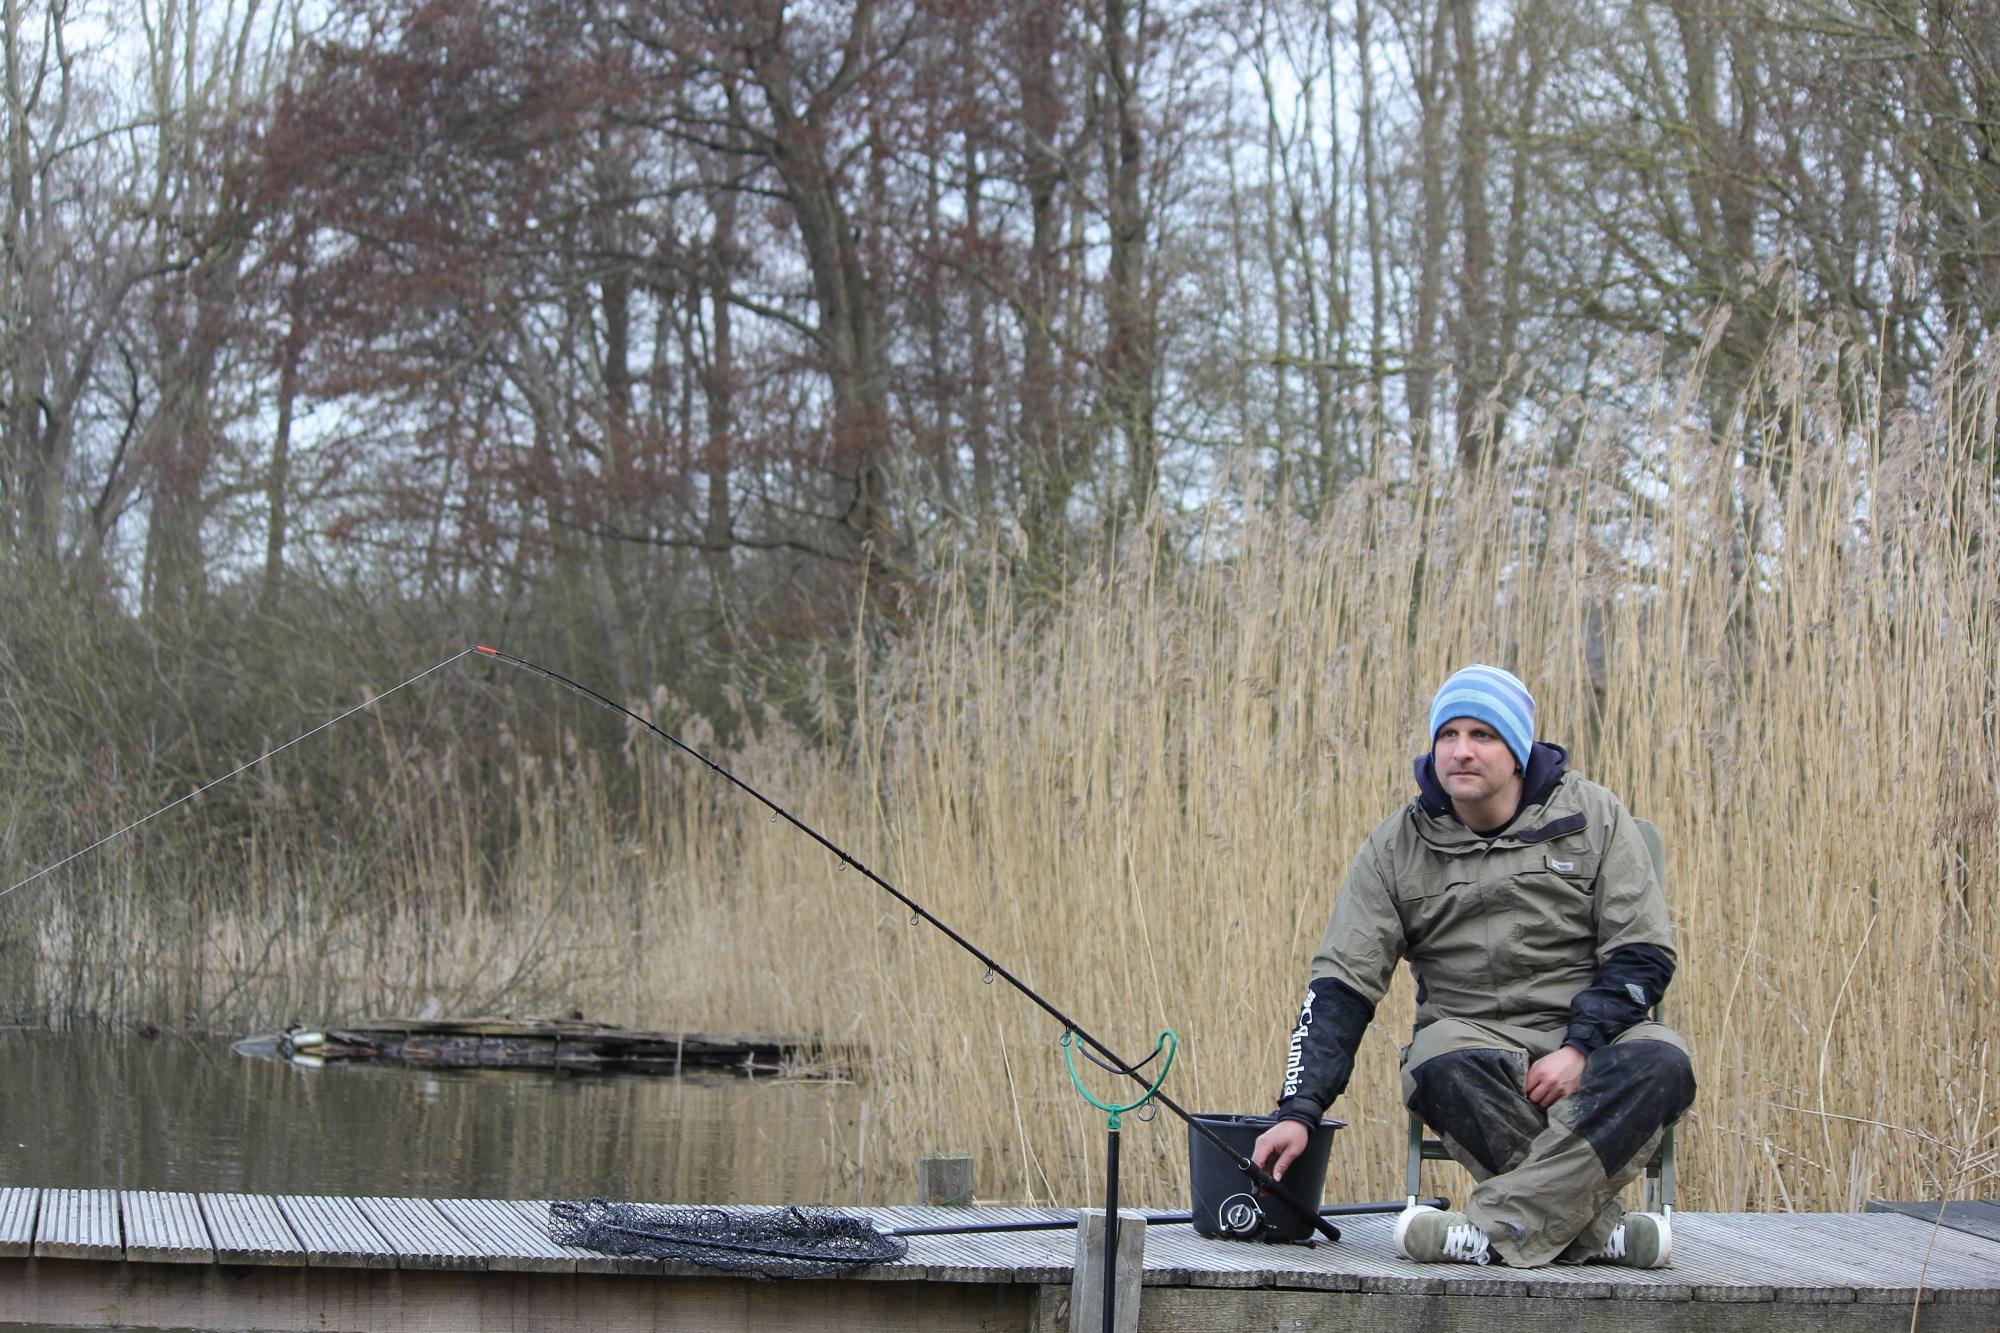 Für Jesco ging es an einen See, um die 3,60 Meter lange Feeder-Rute von Sportex beim Angeln auf Brassen, Rotaugen & Co zu testen. Mit großen Futterkörben fischte er sehr weit draußen und legte sich dort einen Spot an